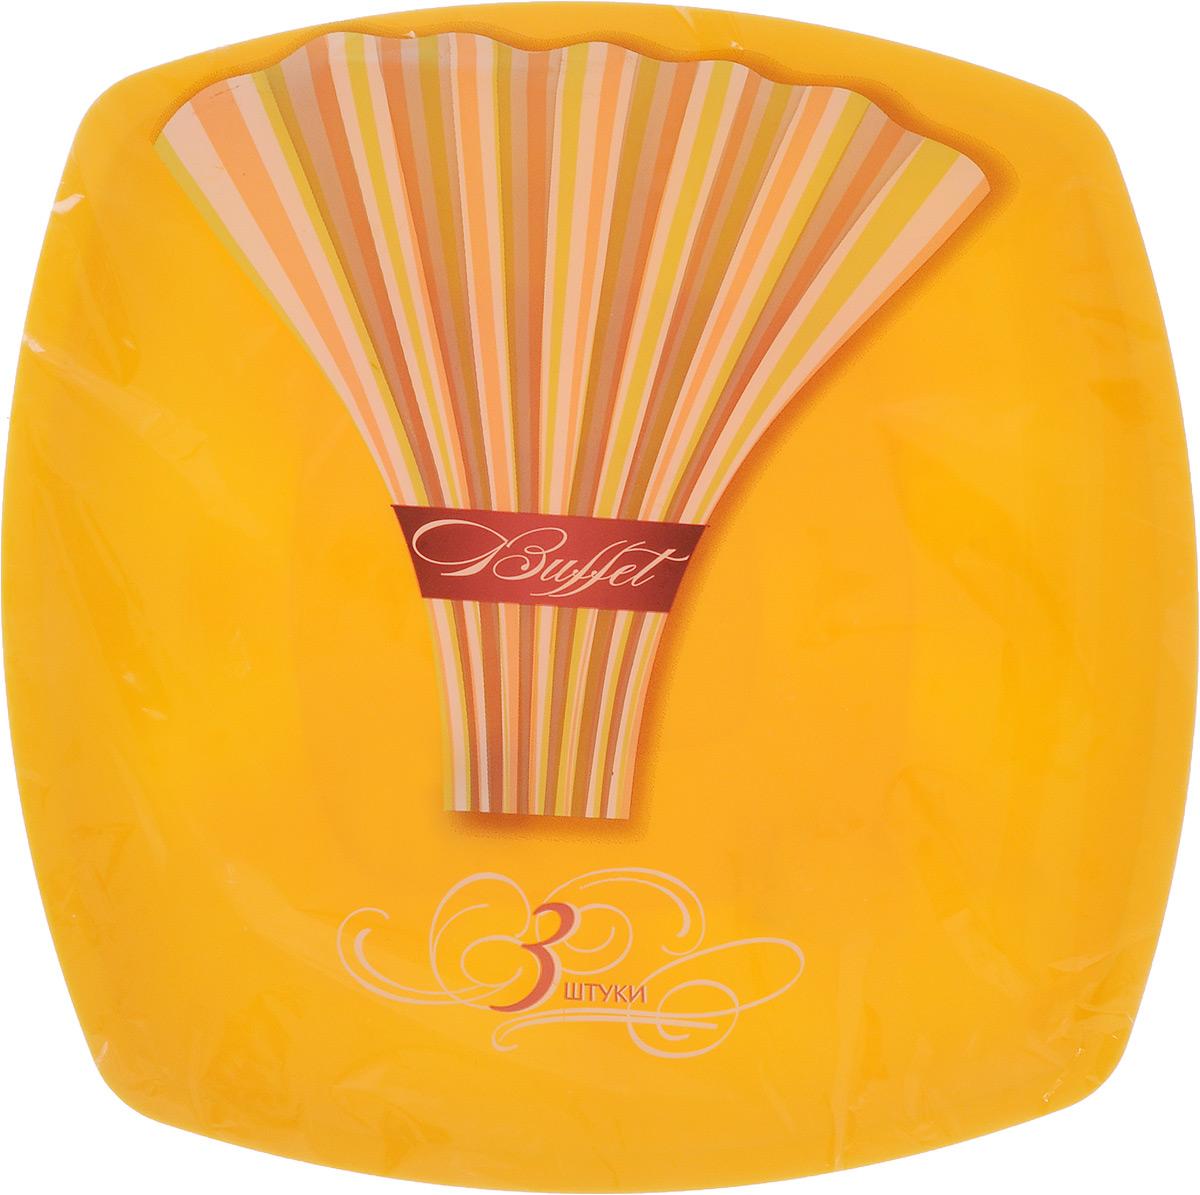 Набор одноразовых тарелок Buffet, цвет: желтый, 30 х 30 см, 3 шт183207_желтыйНабор Buffet состоит из 3 квадратных тарелок, выполненных из полипропилена и предназначенных для одноразового использования. Одноразовые тарелки будут незаменимы при поездках на природу, пикниках и других мероприятиях. Они не займут много места, легки и самое главное - после использования их не надо мыть.Размер тарелки (по верхнему краю): 30 х 30 см.Высота тарелки: 1 см.